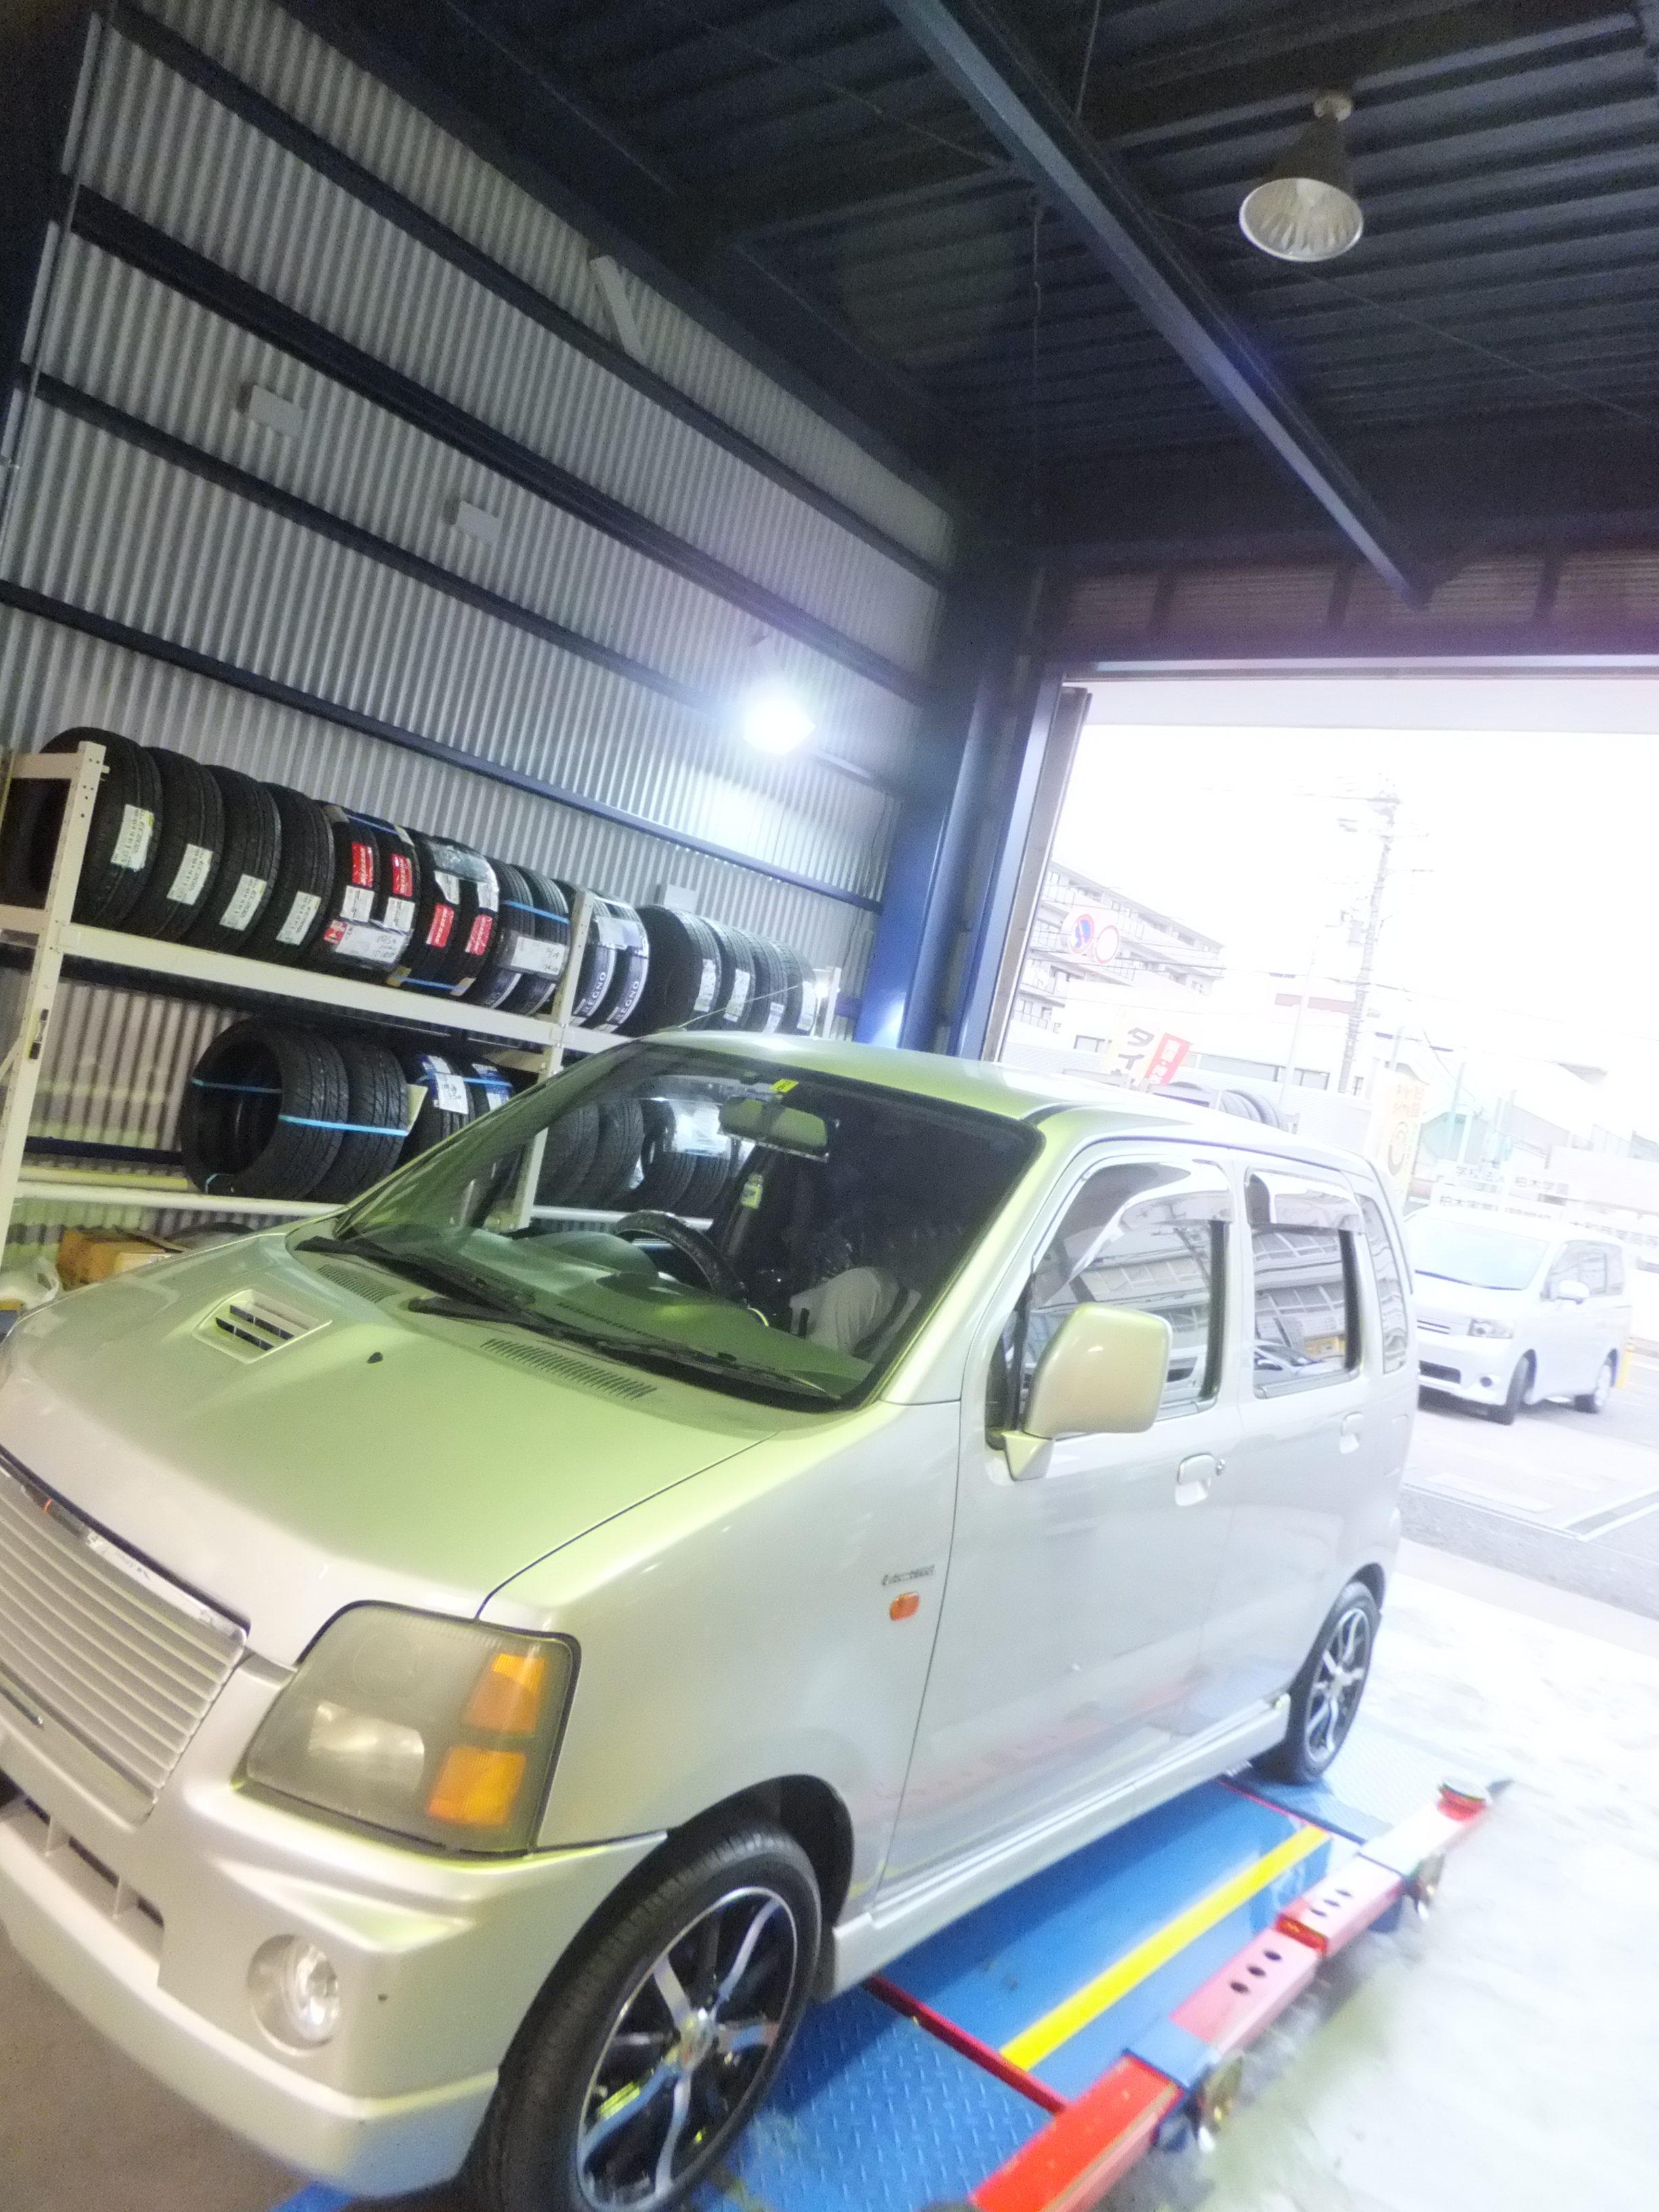 大和市M様 スズキワゴンRのタイヤ交換を承りました!